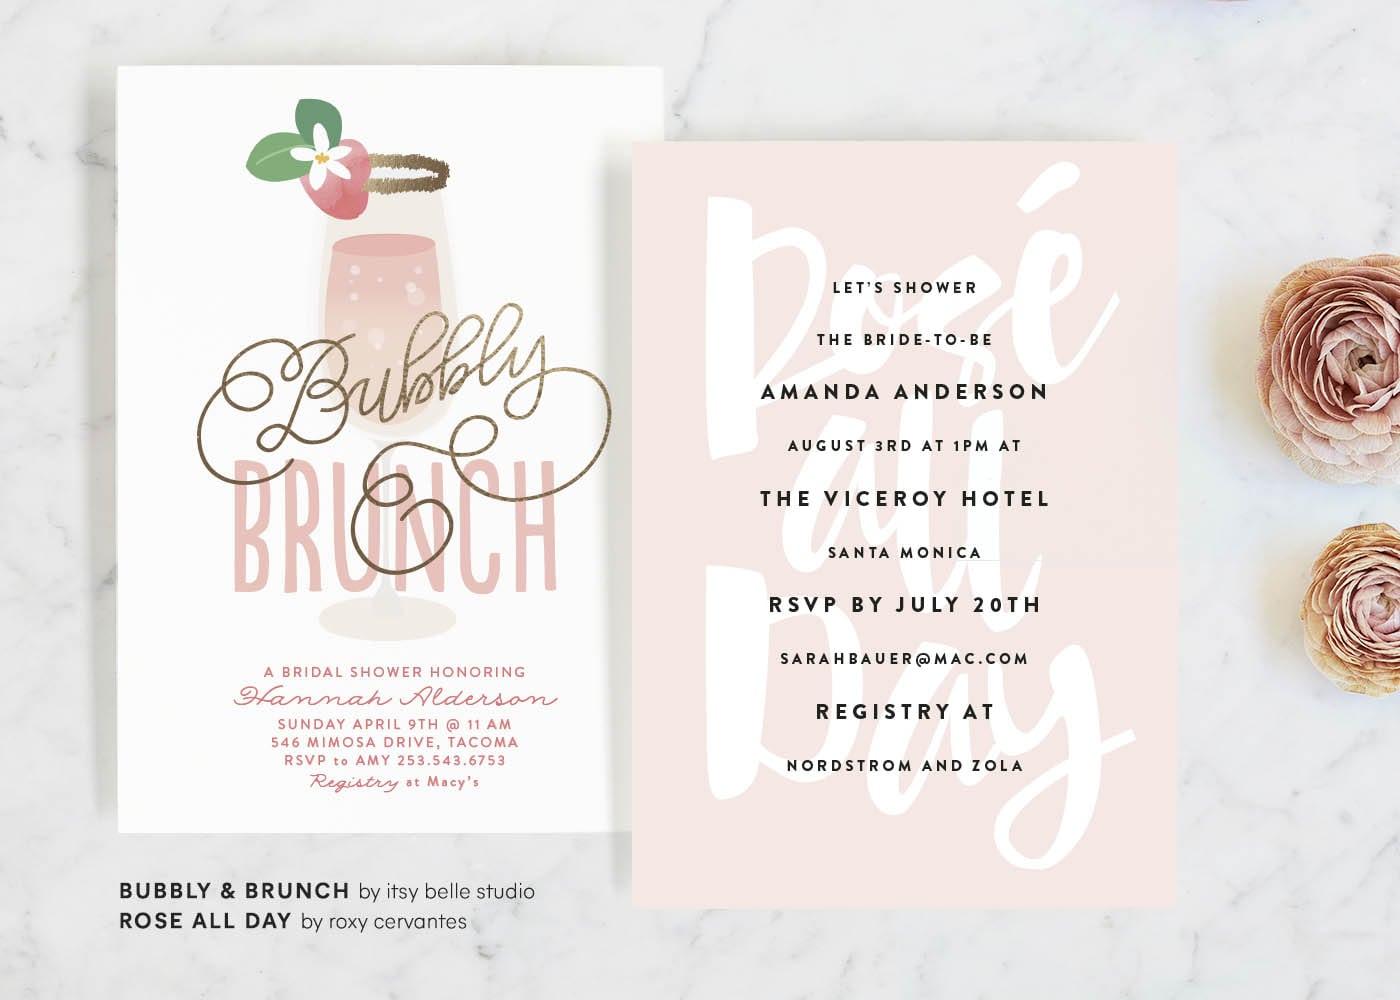 Bridal Shower Invitations - Brunch Ideas